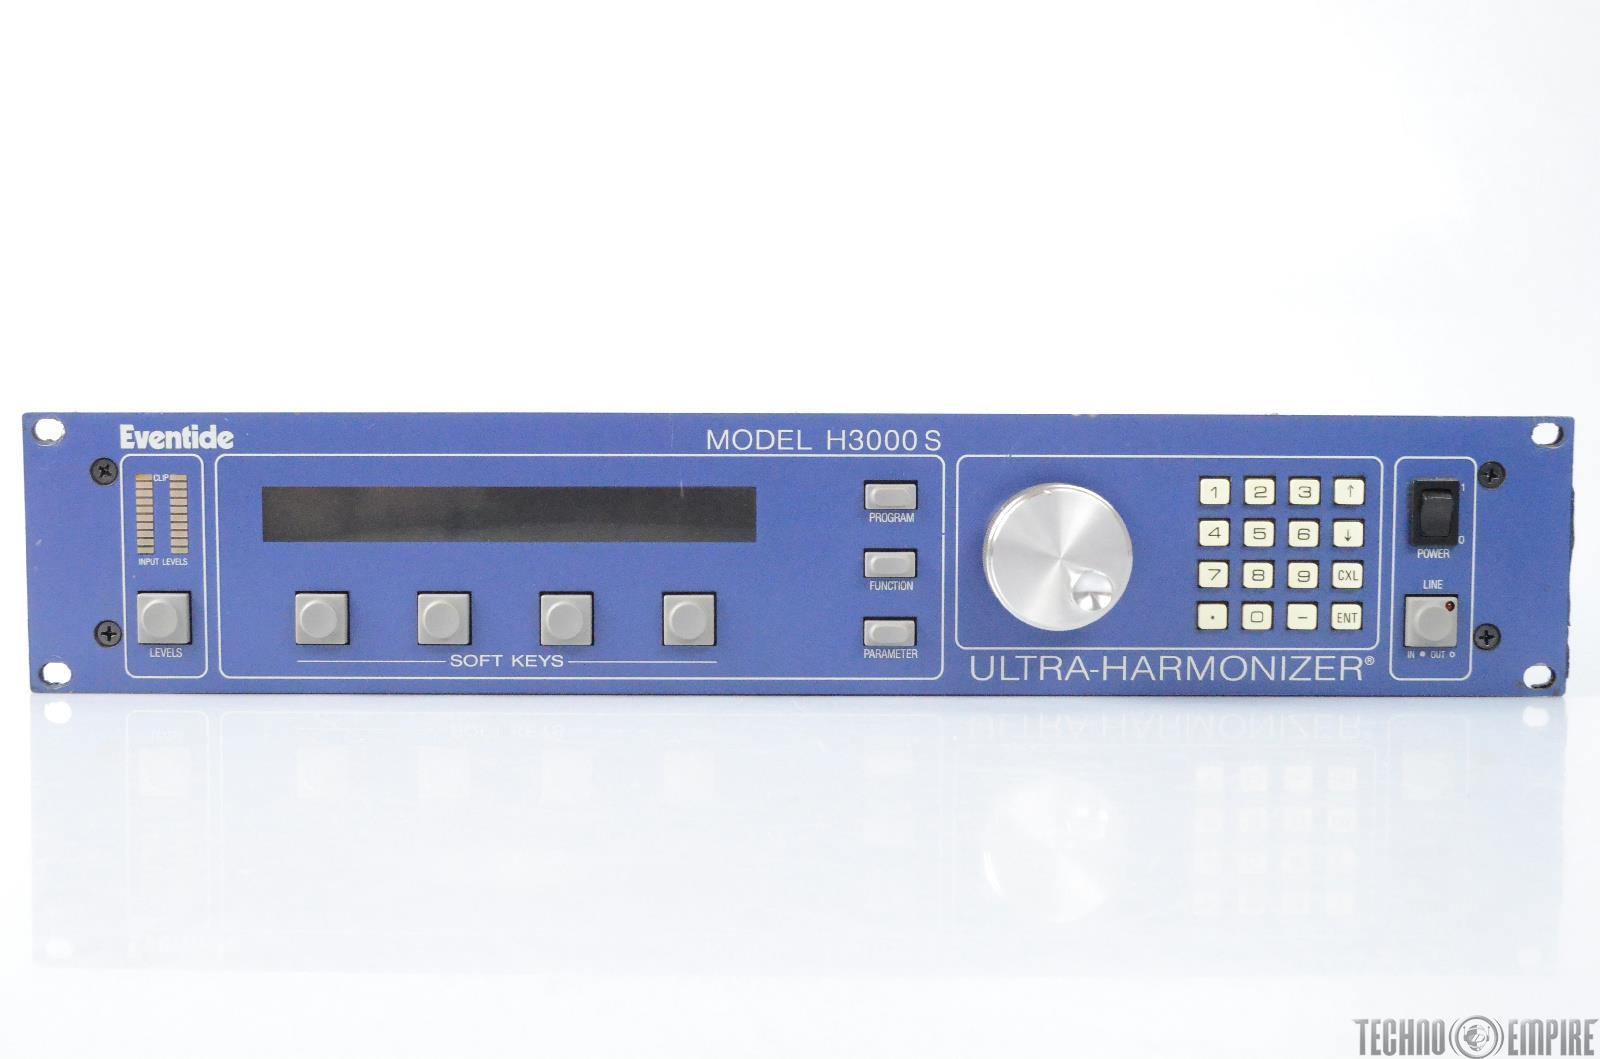 Eventide H3000S Ultra Harmonizer Multi Effect Unit Grandmaster Recorders #28721